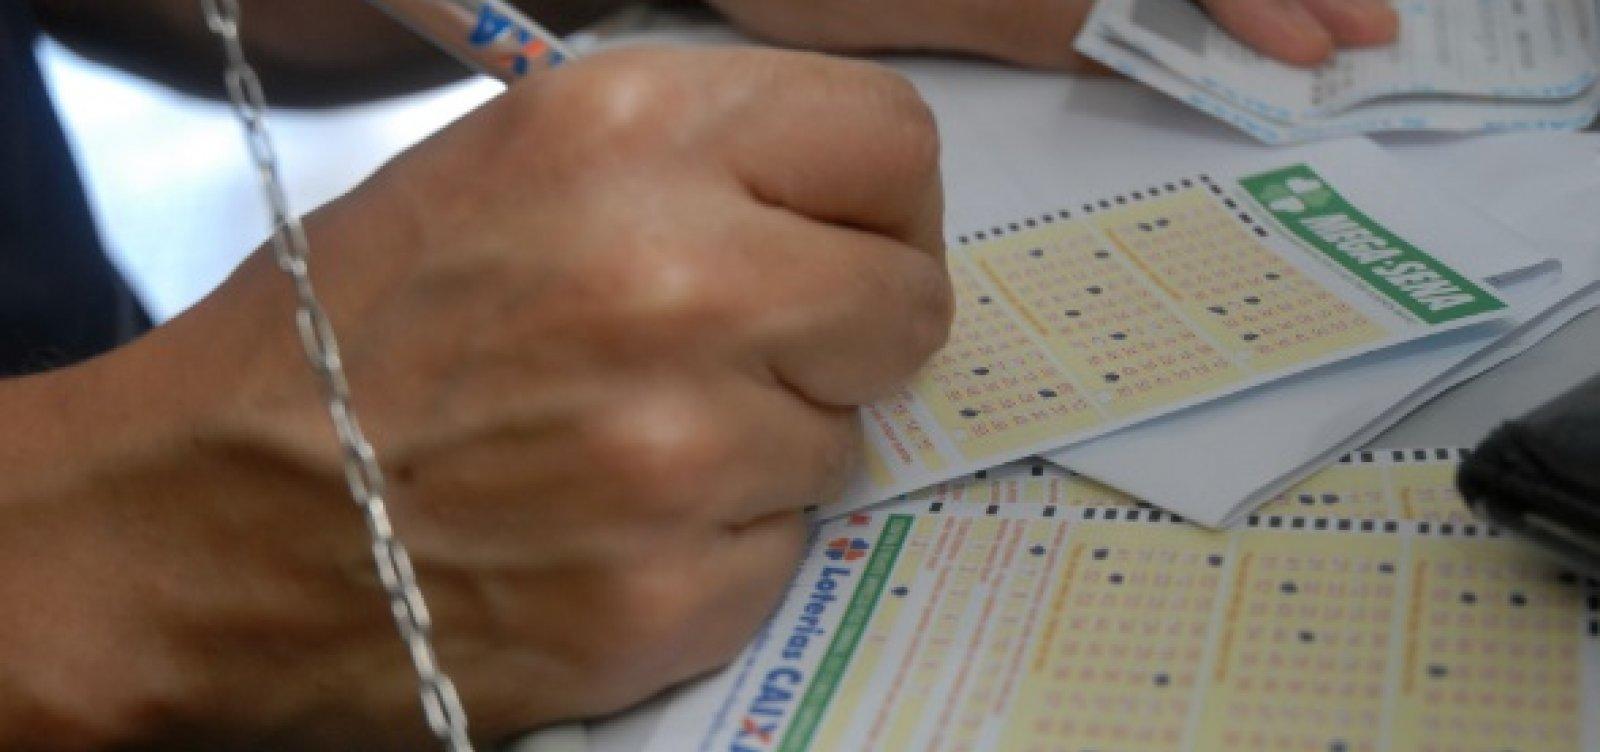 [Mega-Sena: novo sorteio pode pagar R$ 6 milhões na quarta-feira]